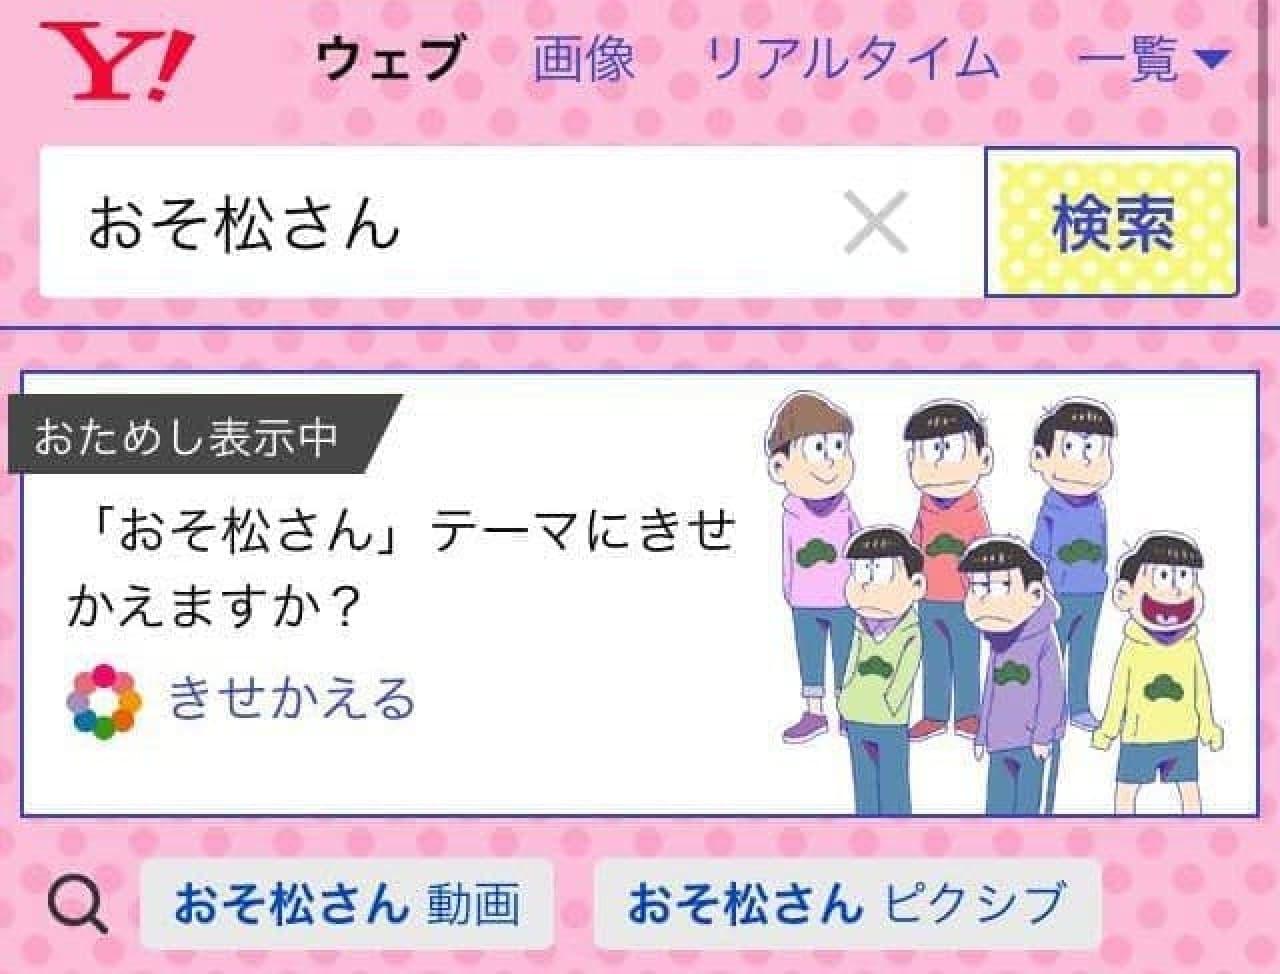 ヤフーの検索画面がおそ松さんデザインに